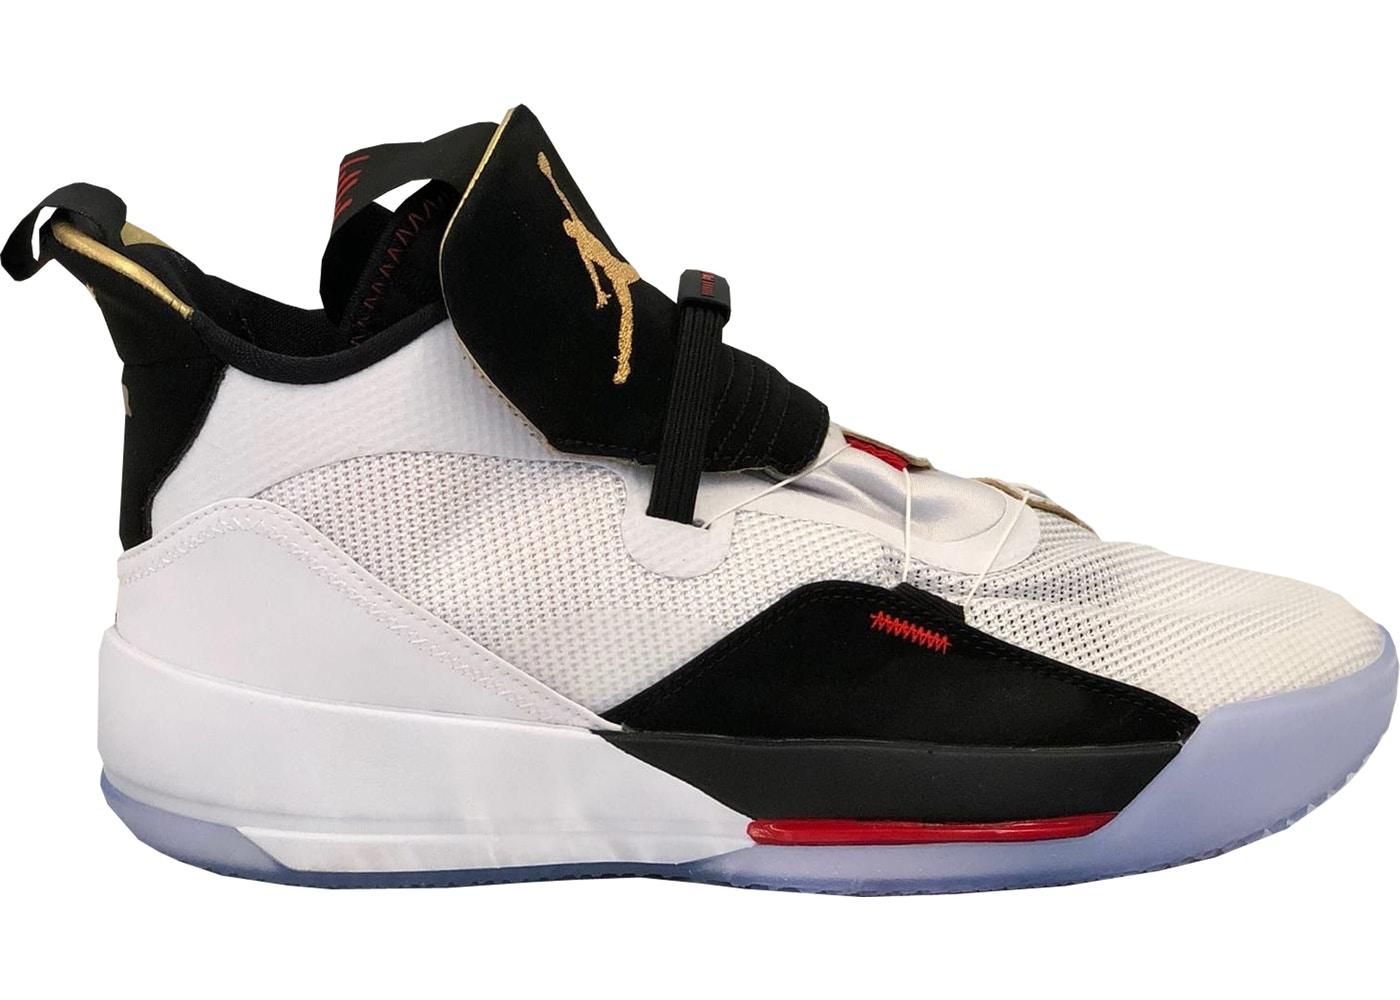 buy popular f04f4 73e57 Air Jordan XXXIII Future of Flight